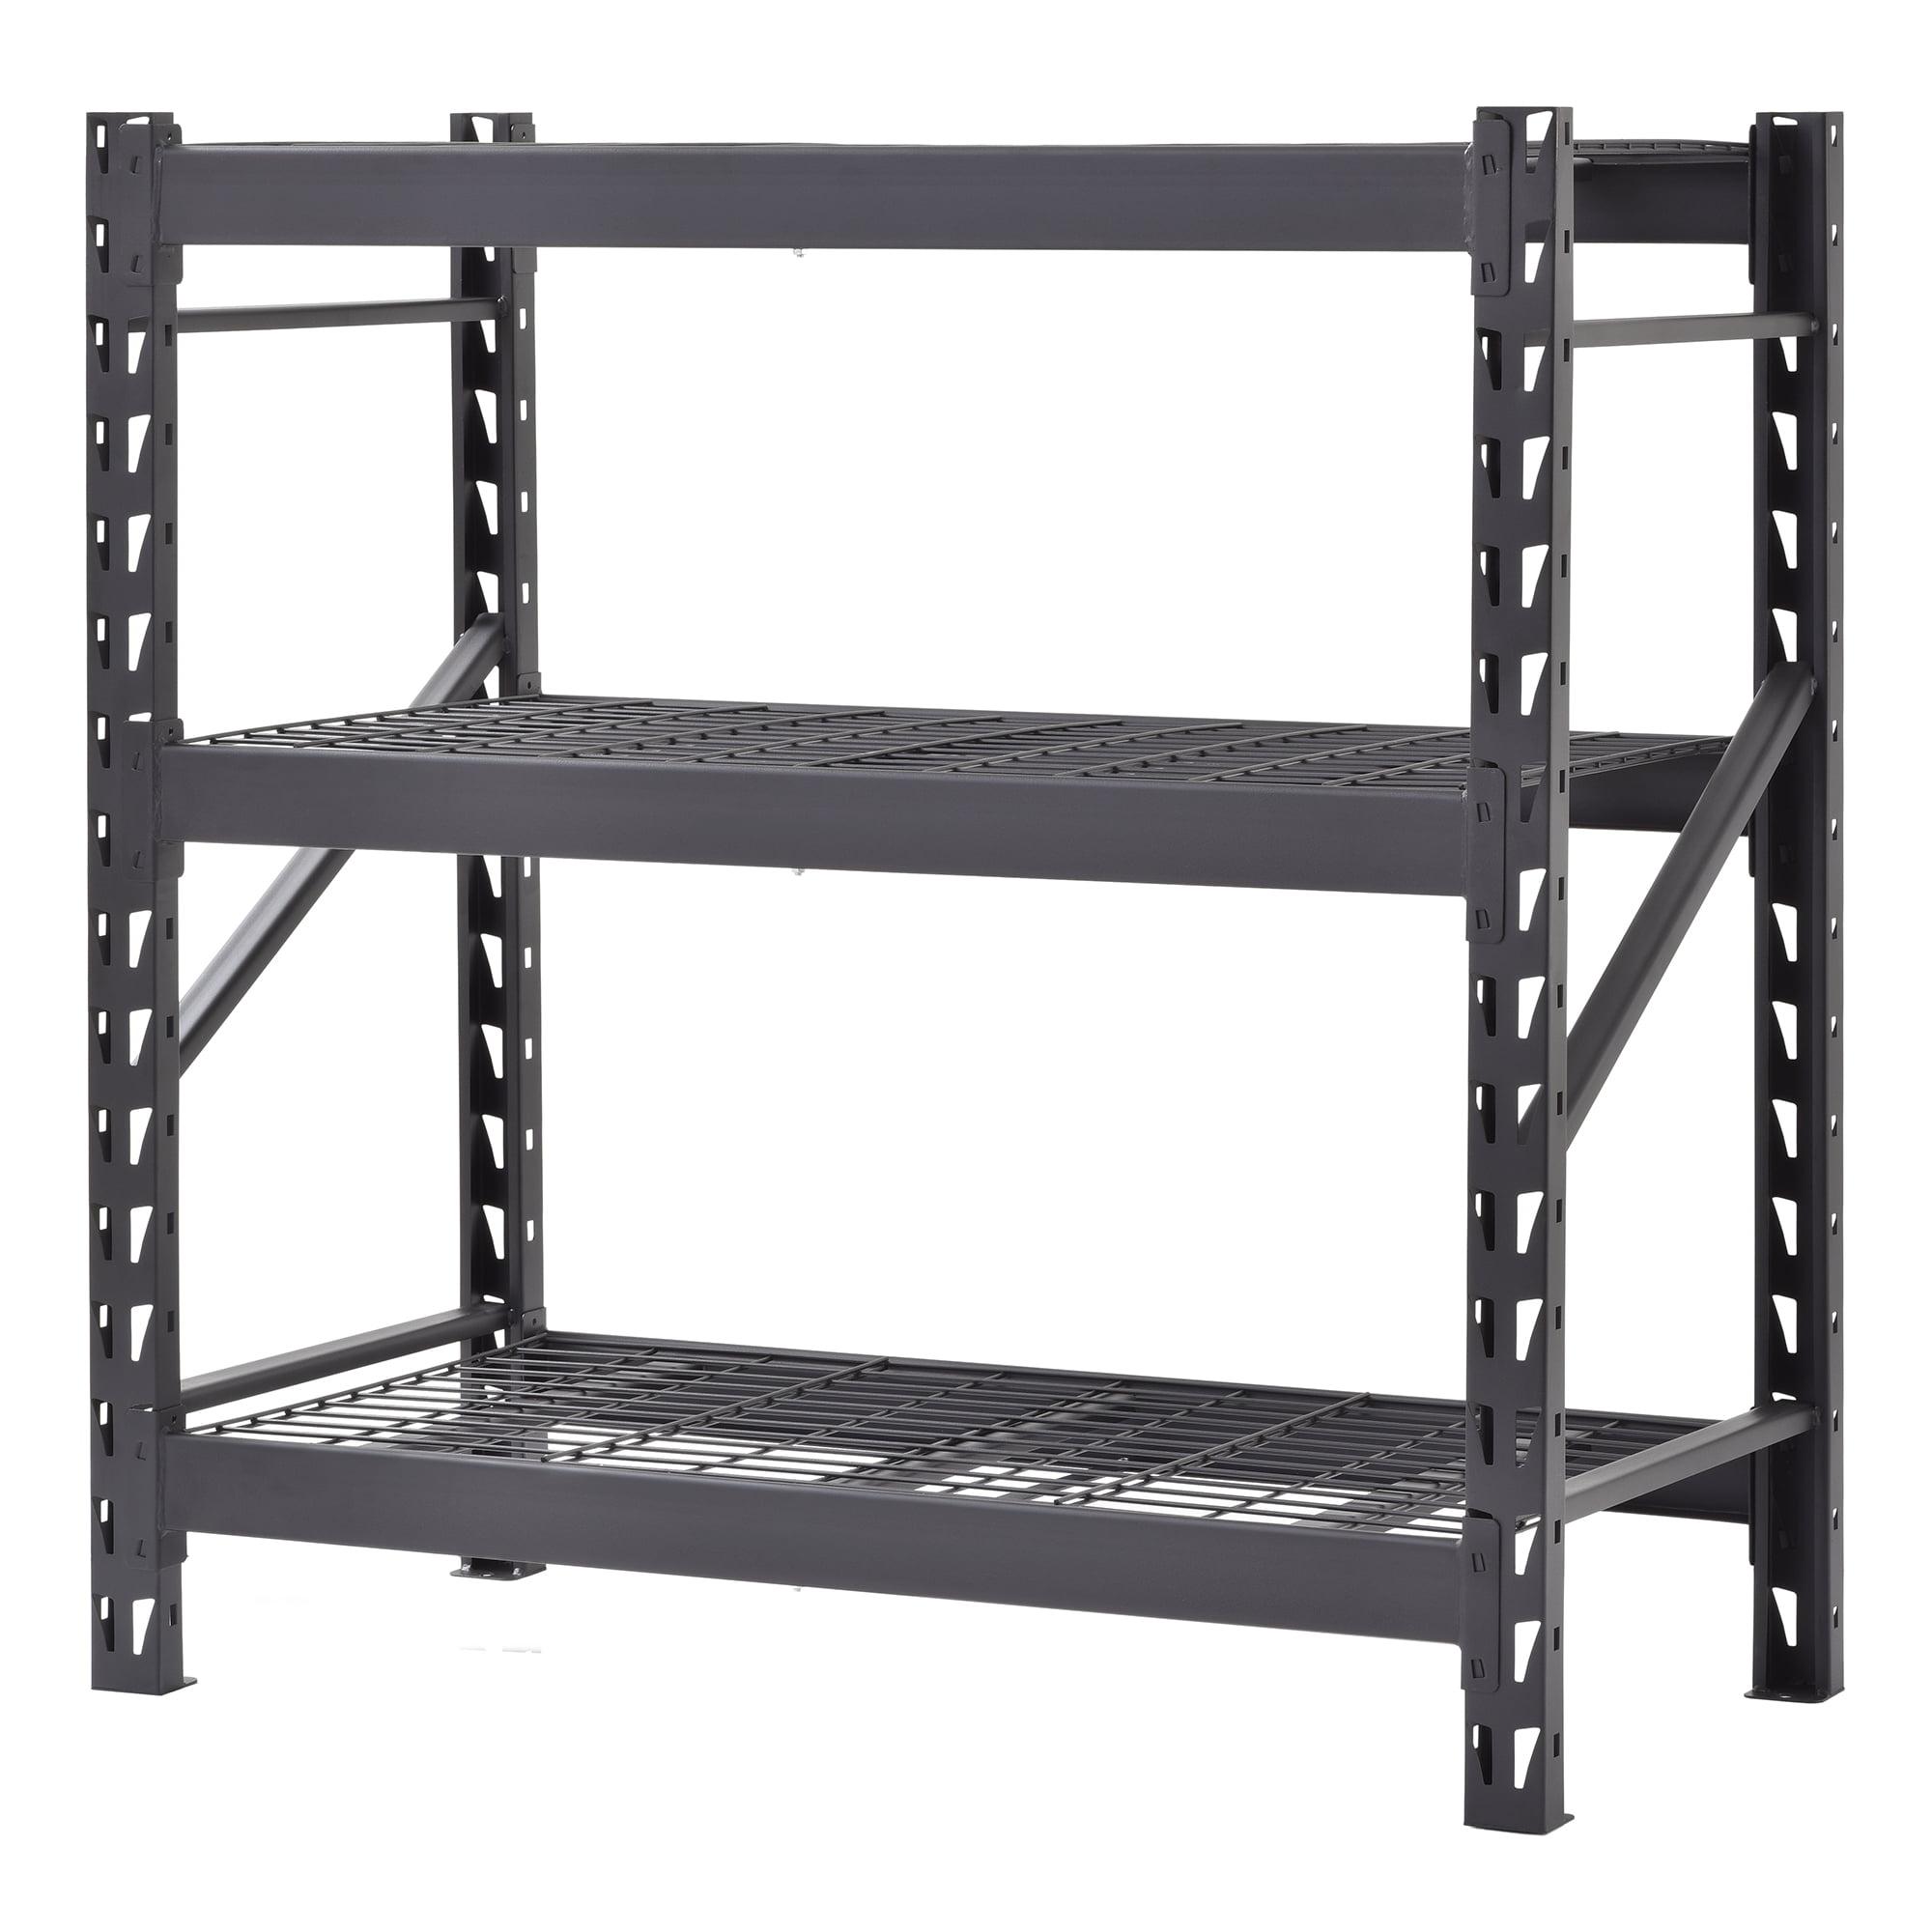 48 In W X 48 In H X 24 In D 3 Shelf Welded Steel Garage Storage Shelving Unit Walmart Com Walmart Com